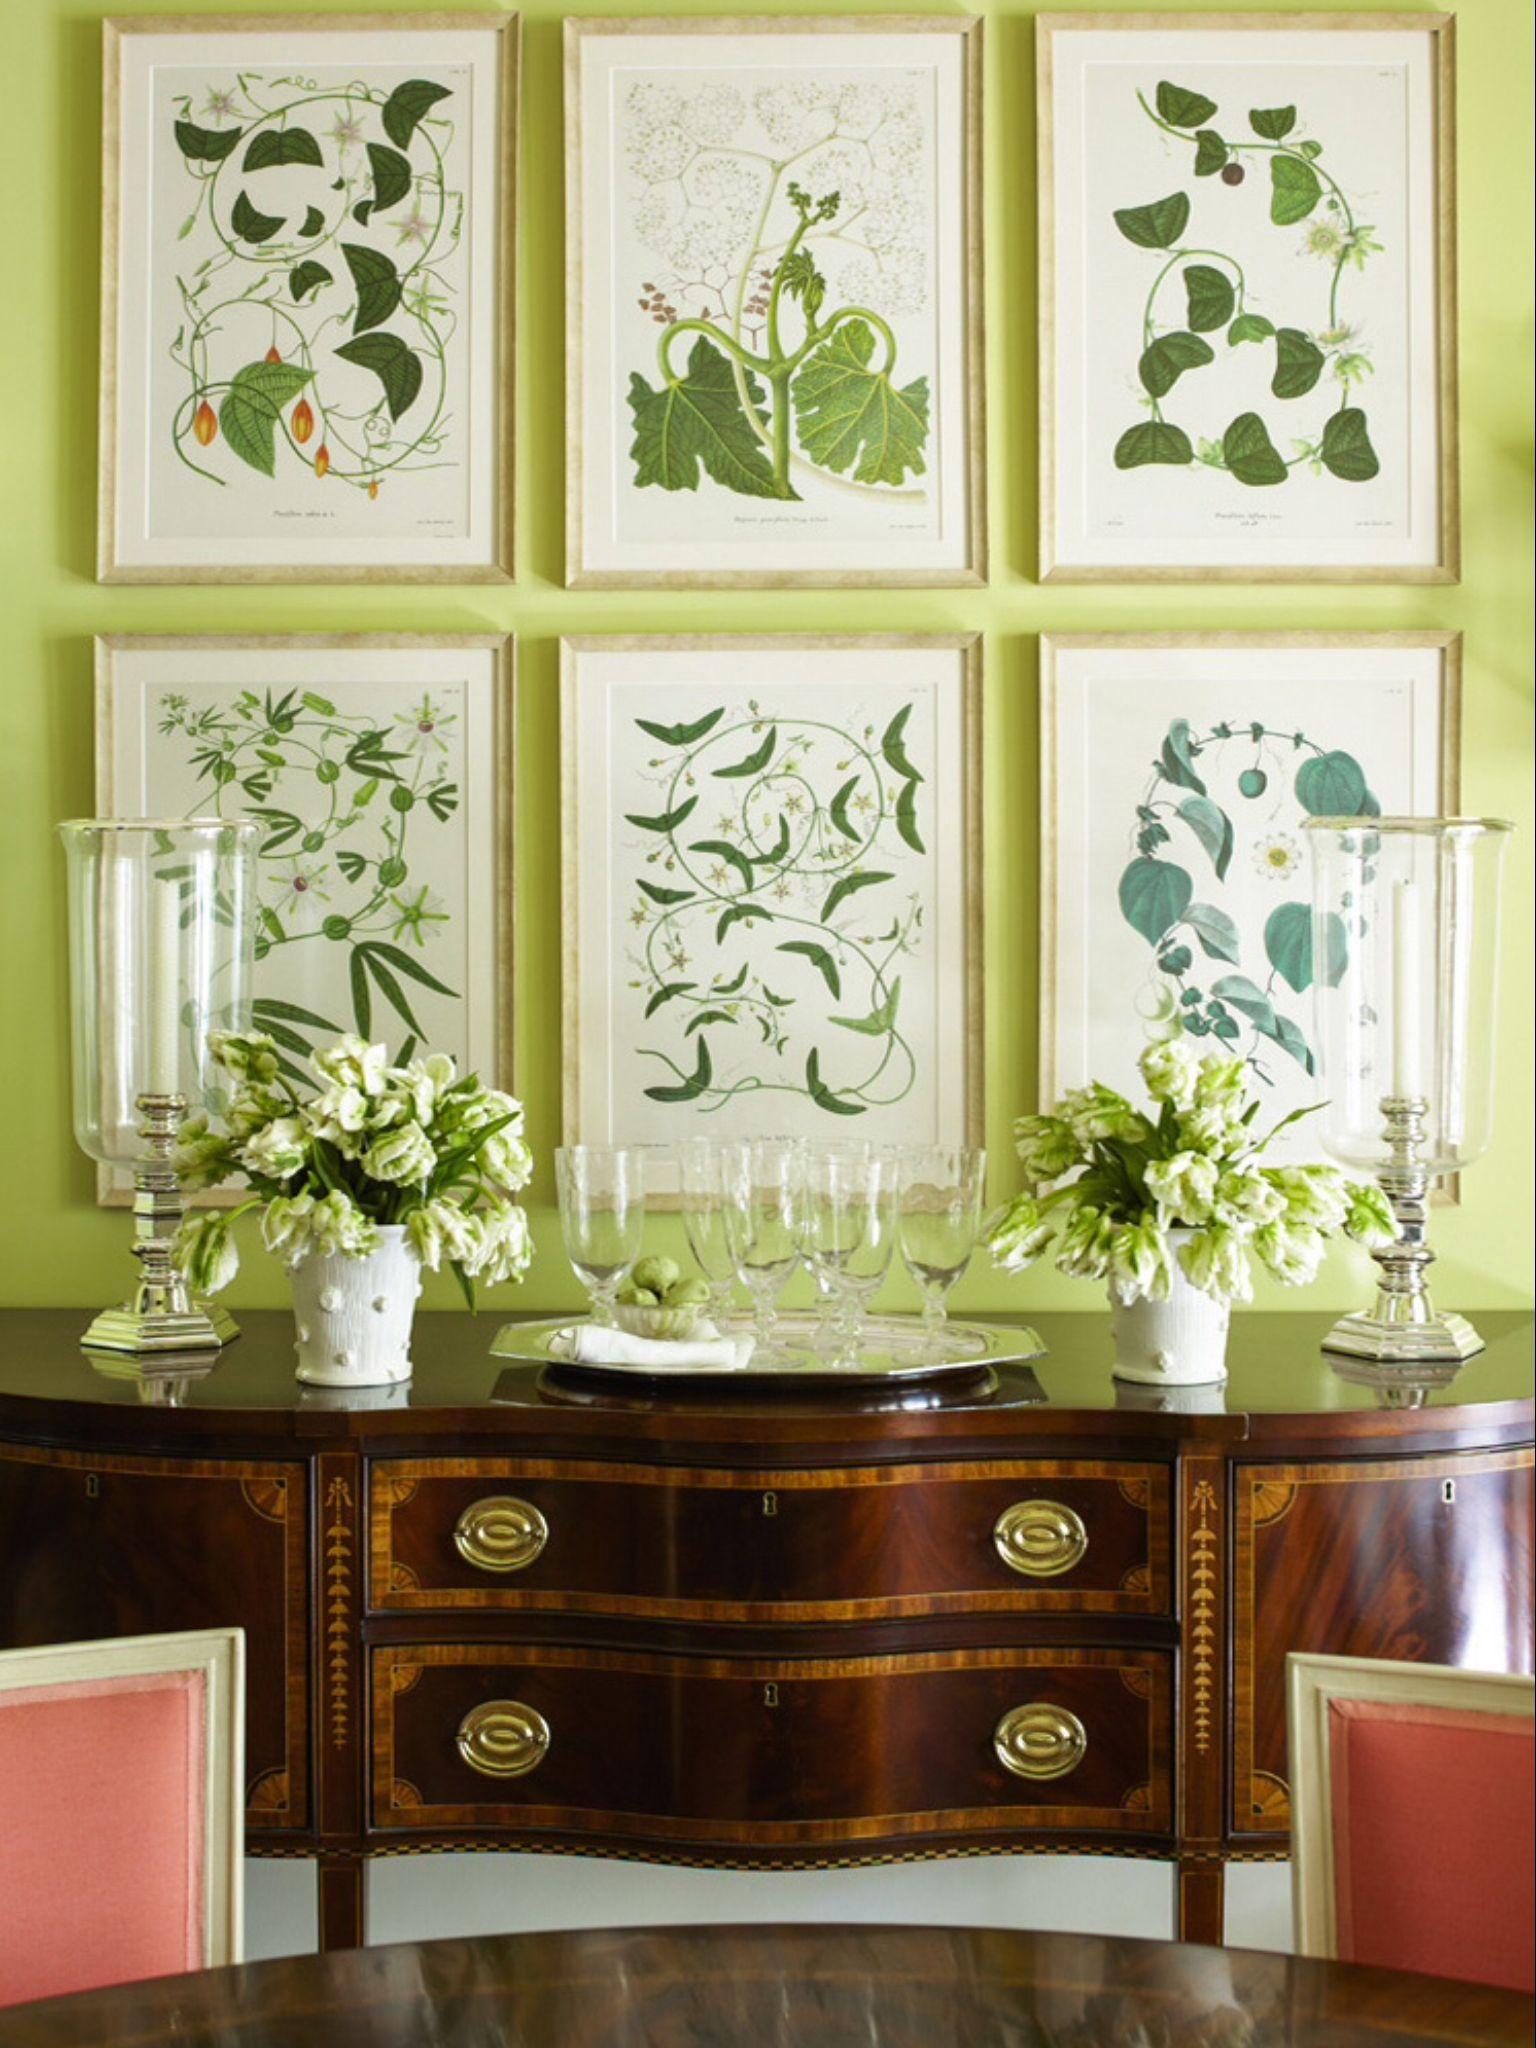 Bang! Perfection! | Vignettes | Pinterest | Bangs, Room and Green walls